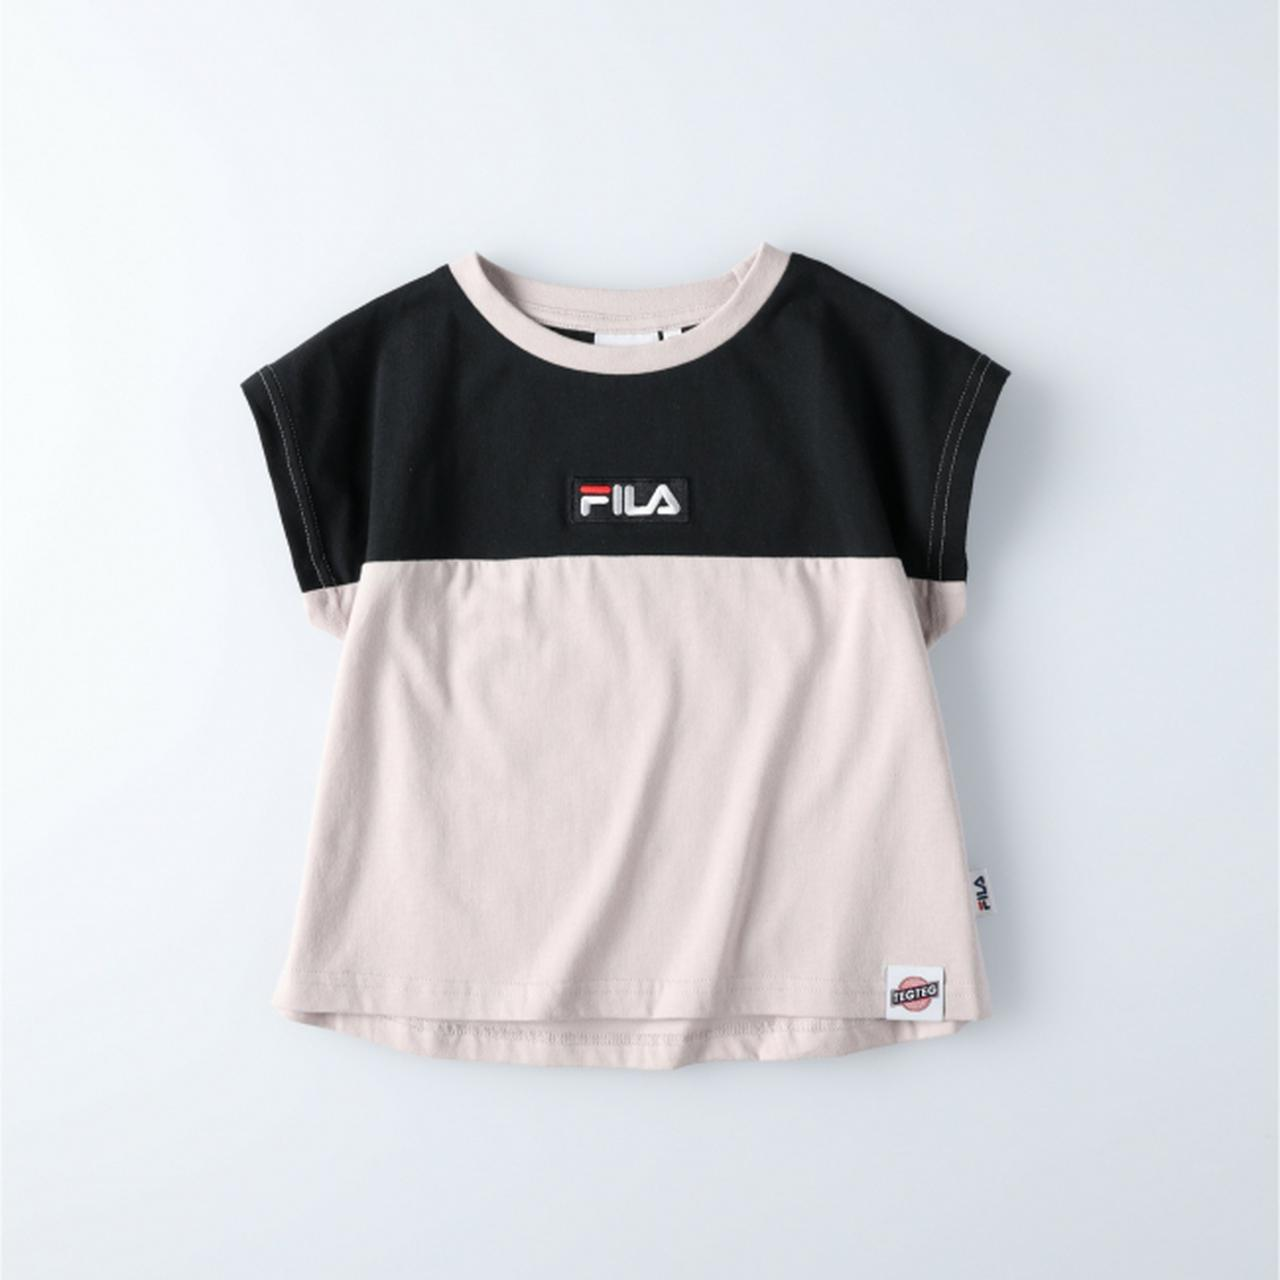 画像5: FILA×TEG TEG cheered by Girls² の大人気キッズウェア第三弾が発売!